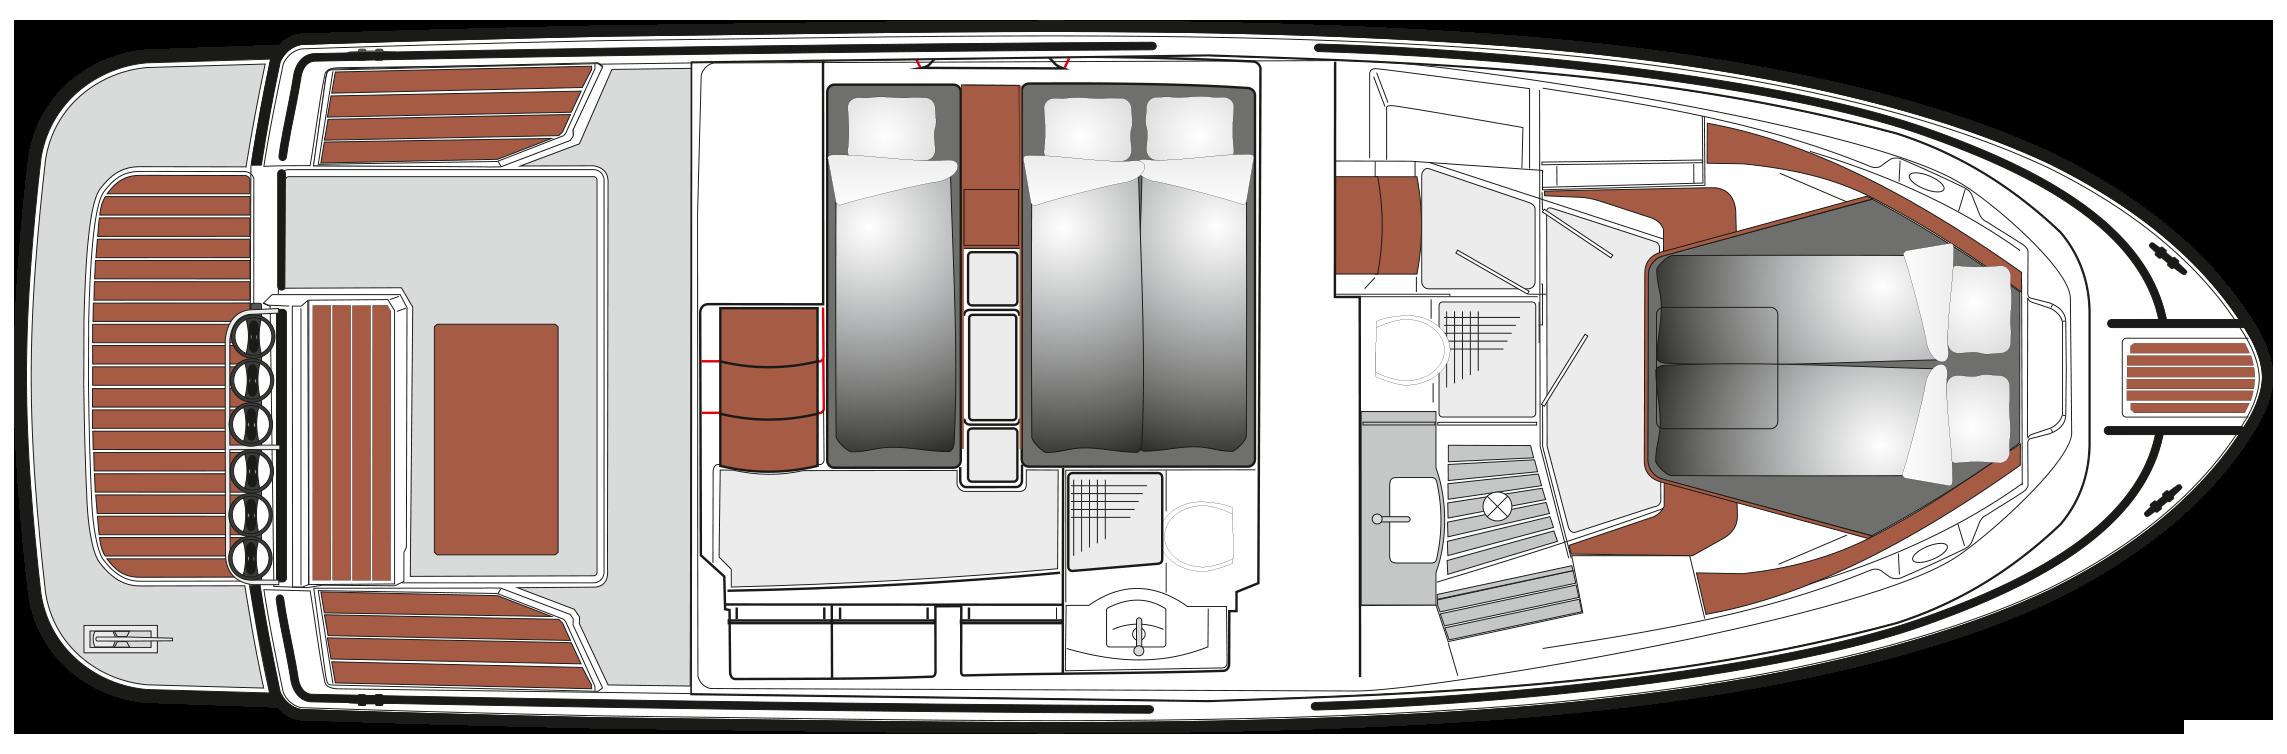 SARGO 36 B lower deck 2021